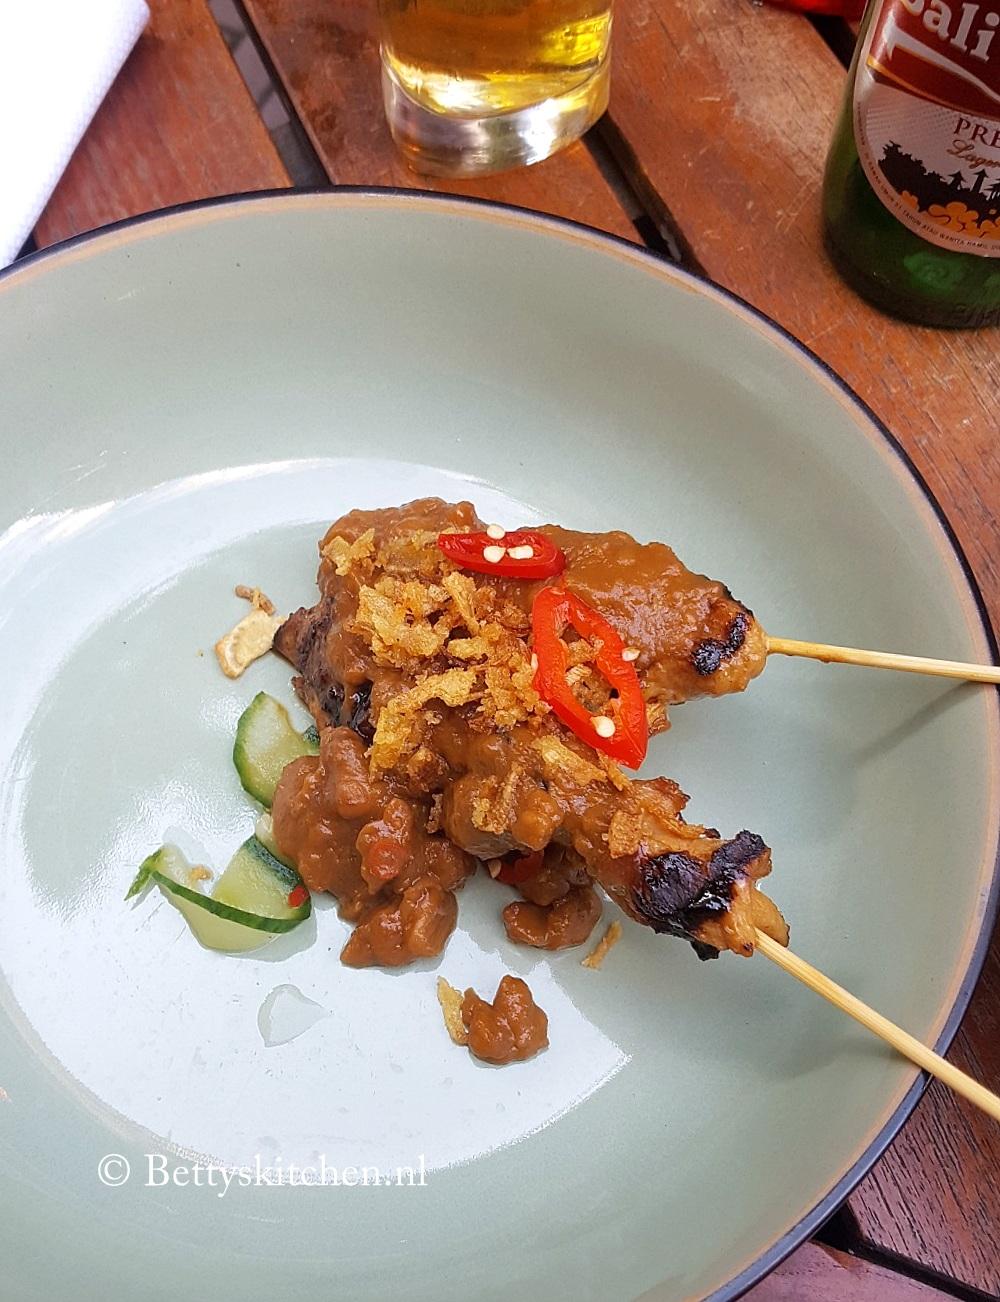 Restaurant Spekuk in Utrecht   Betty u0026#39;s Kitchen Food